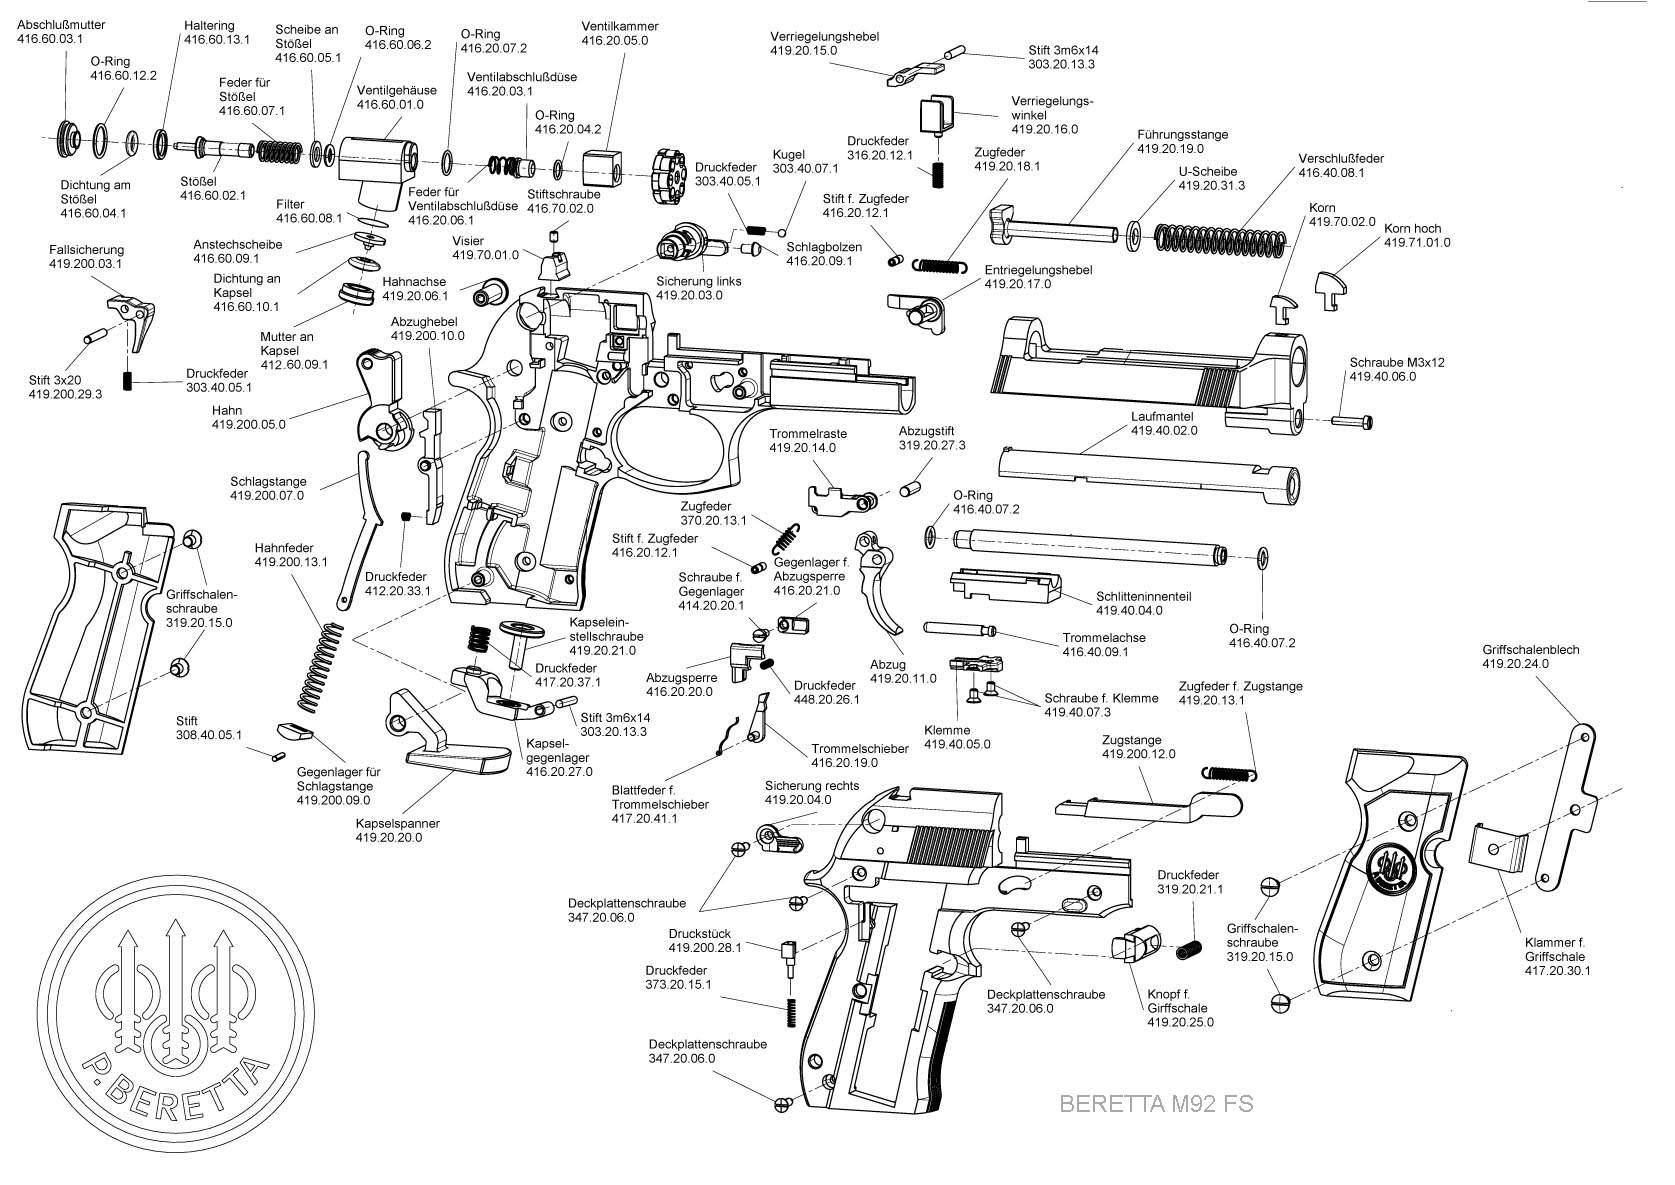 Pistolet Beretta 92fs Noir Cal 4 5mm A Plomb 3 5 Joules